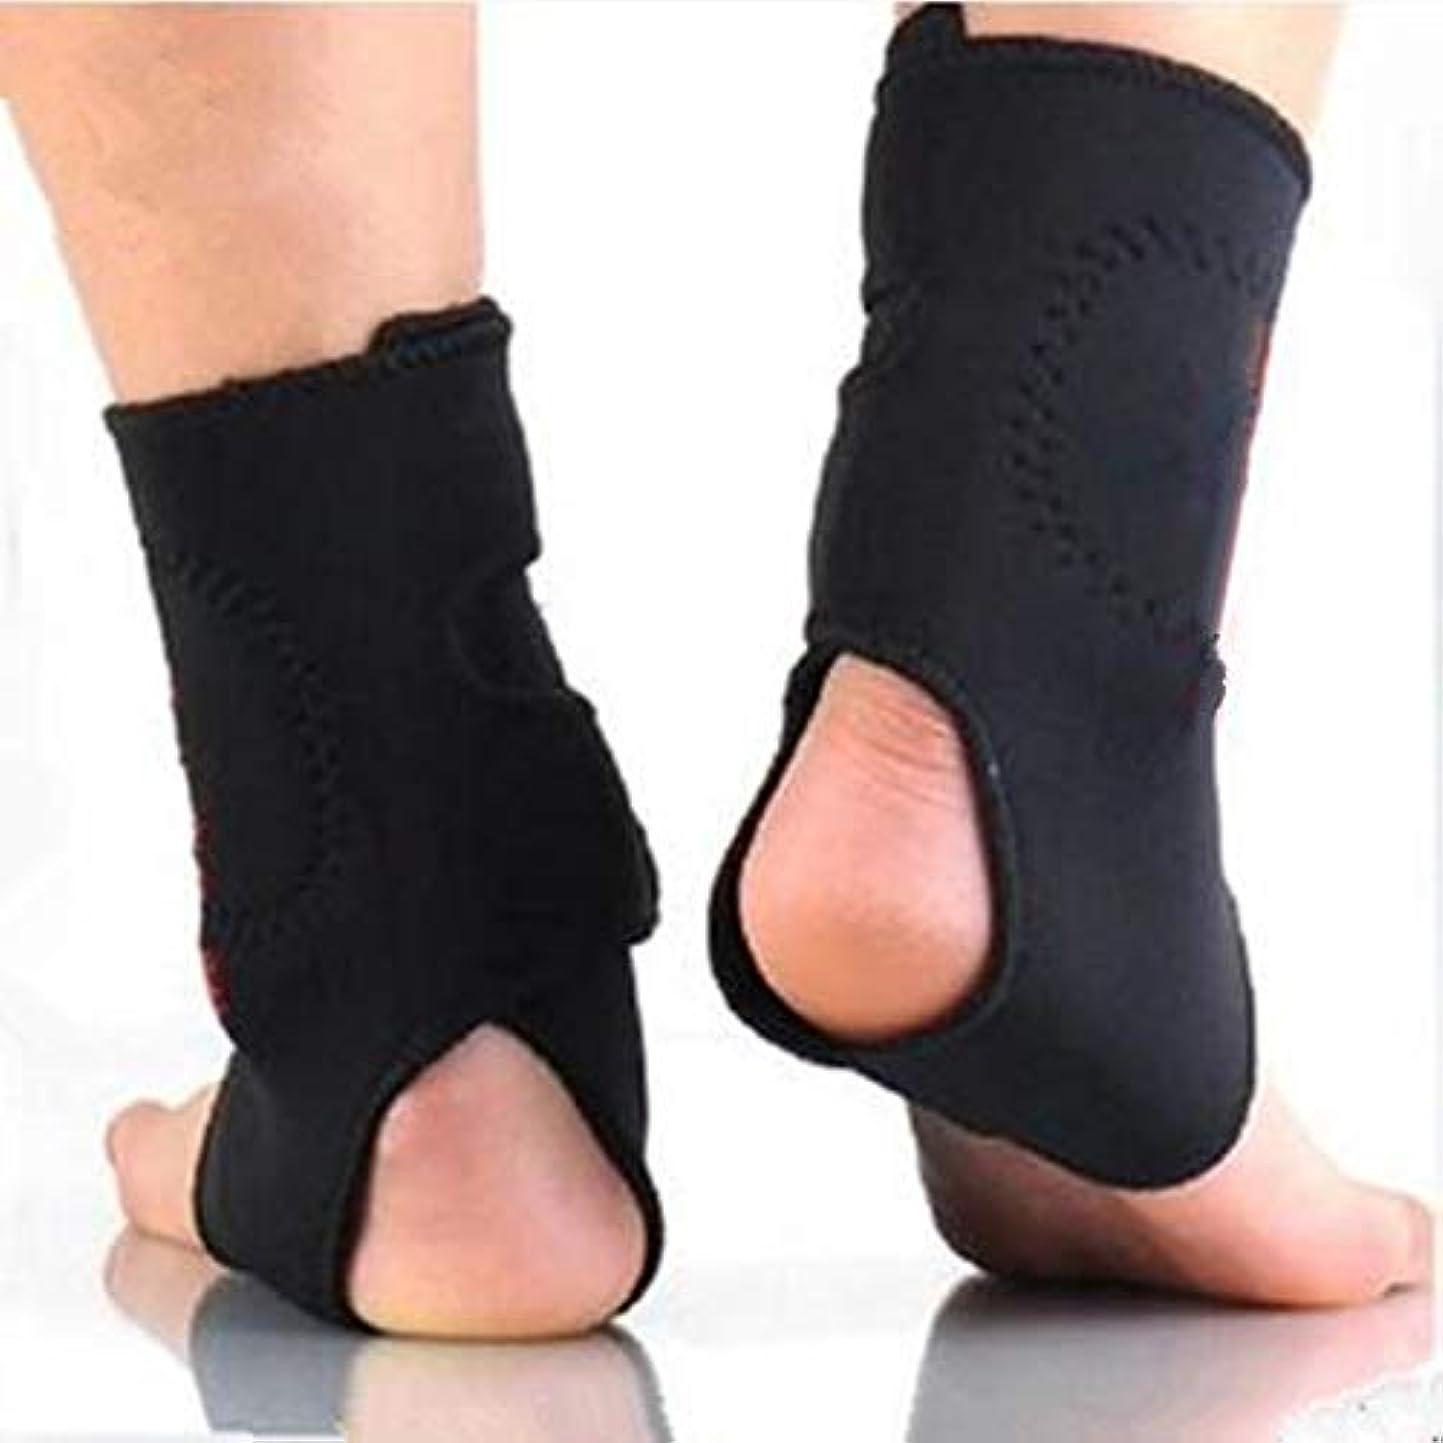 小数拒絶するプロフェッショナル2 ピース 自己発熱 トルマリン 遠赤外線磁気治療足首のサポートブレースマッサージャー 痛みリリーフ